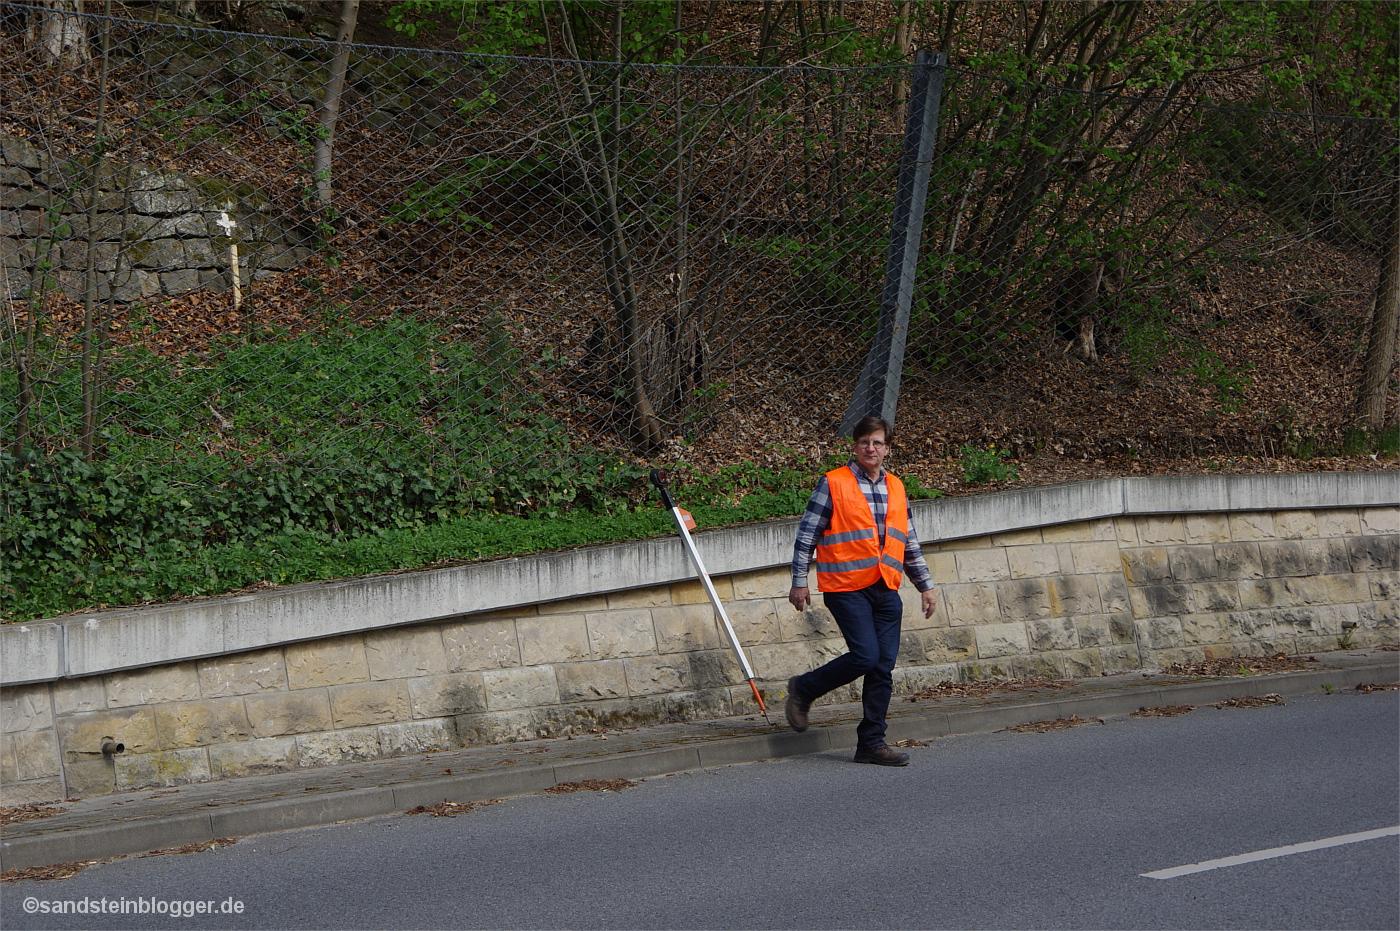 Mann mit Warnweste am Straßenrand, hinter ihm an der Böschung ei8n weißes Kreuz